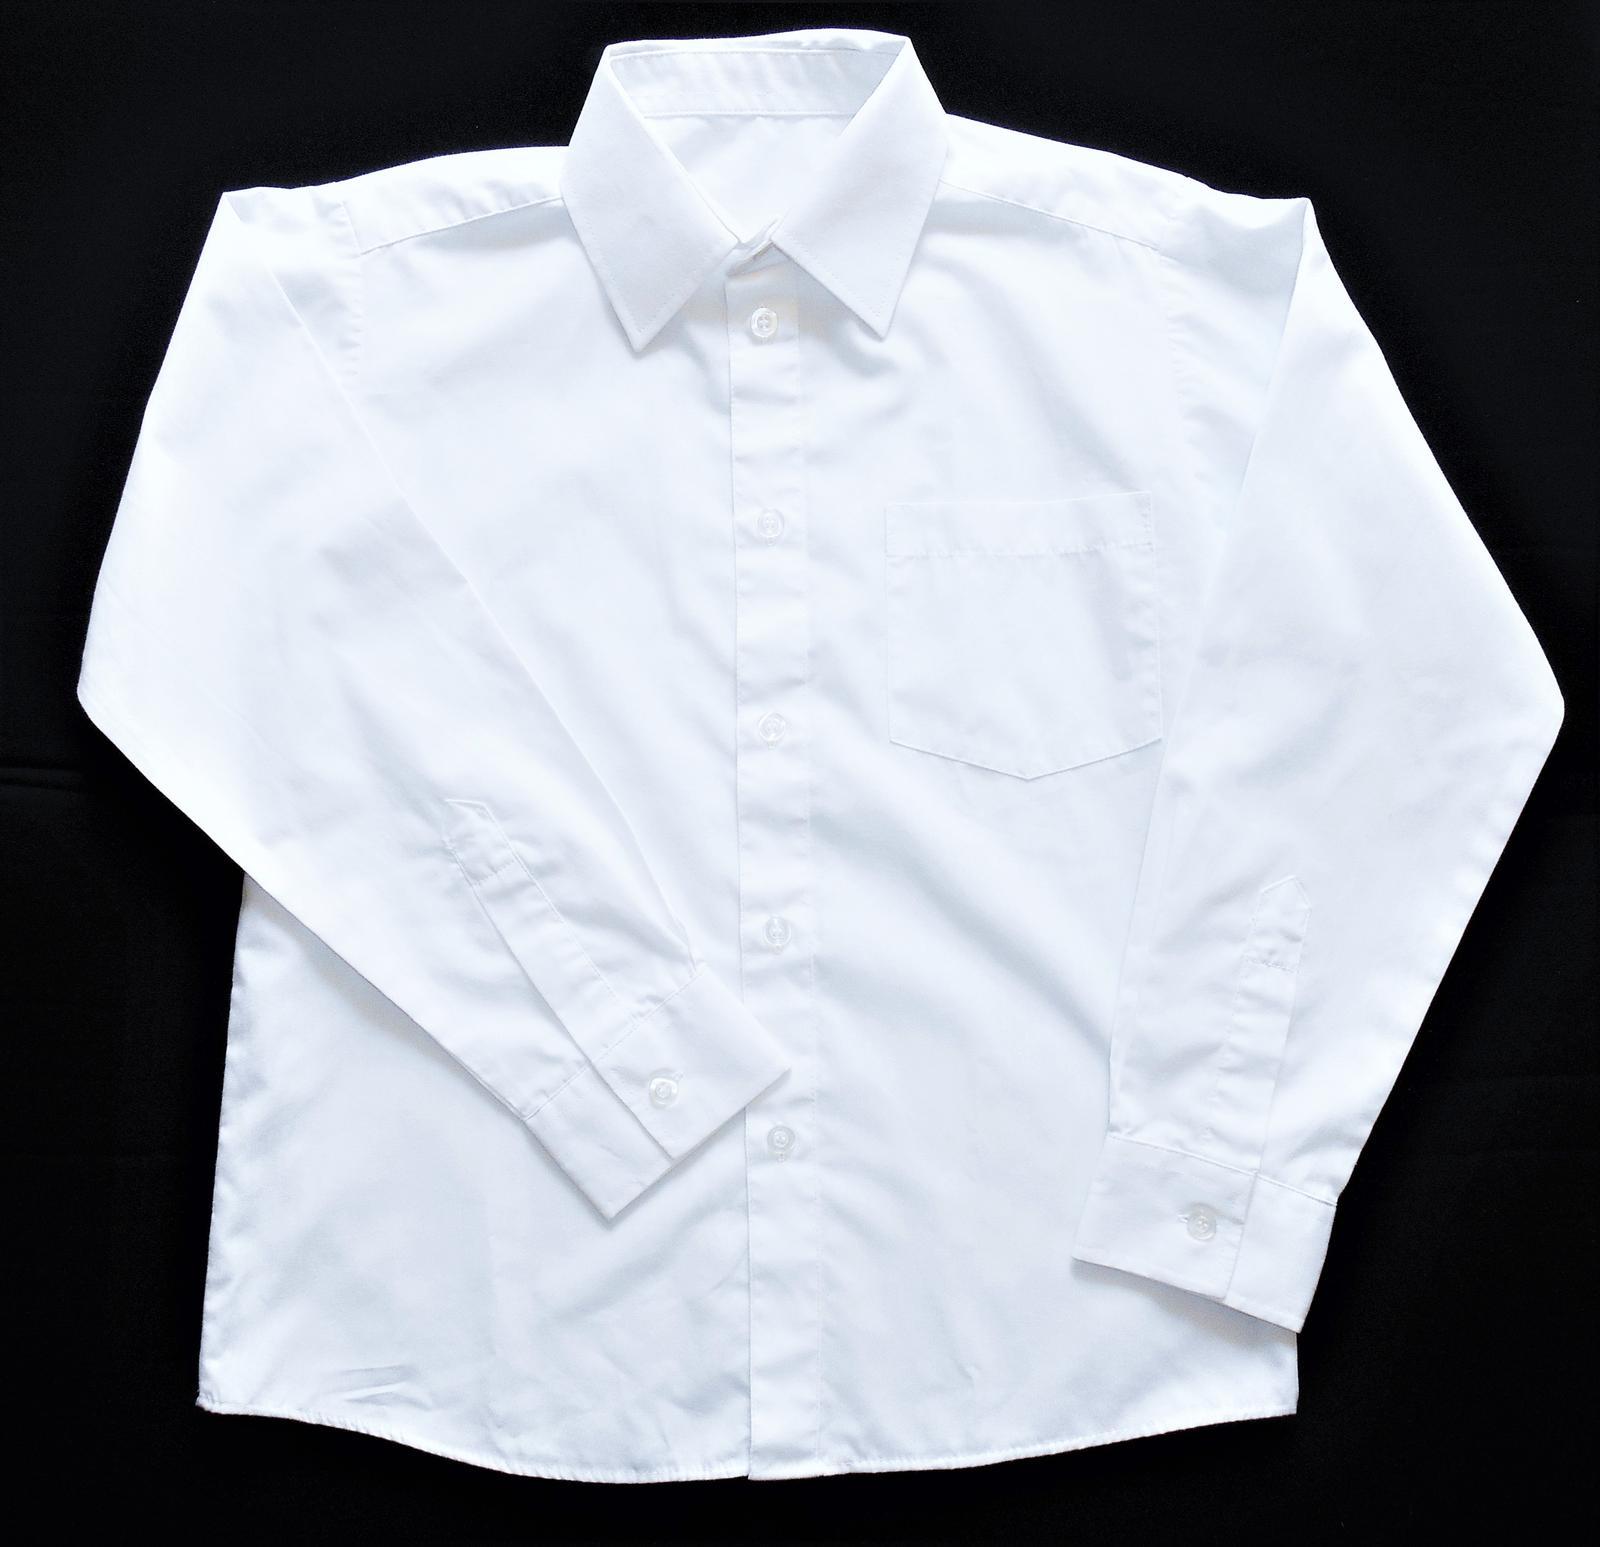 košeľa Back to school na 9 rokov - Obrázok č. 1